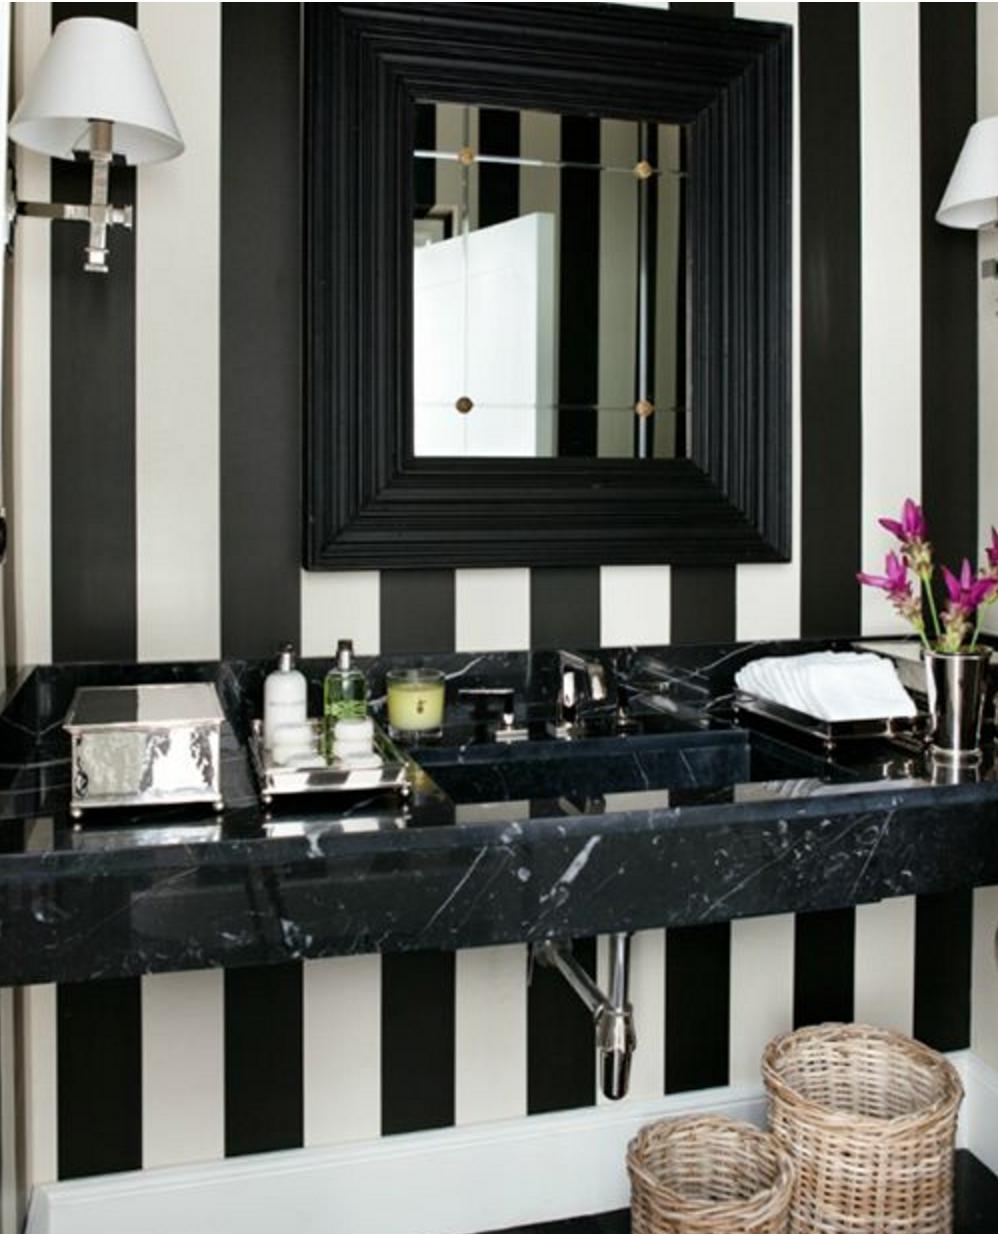 Elegant Striped Bathroom Design Is Both Playful And Elegant.